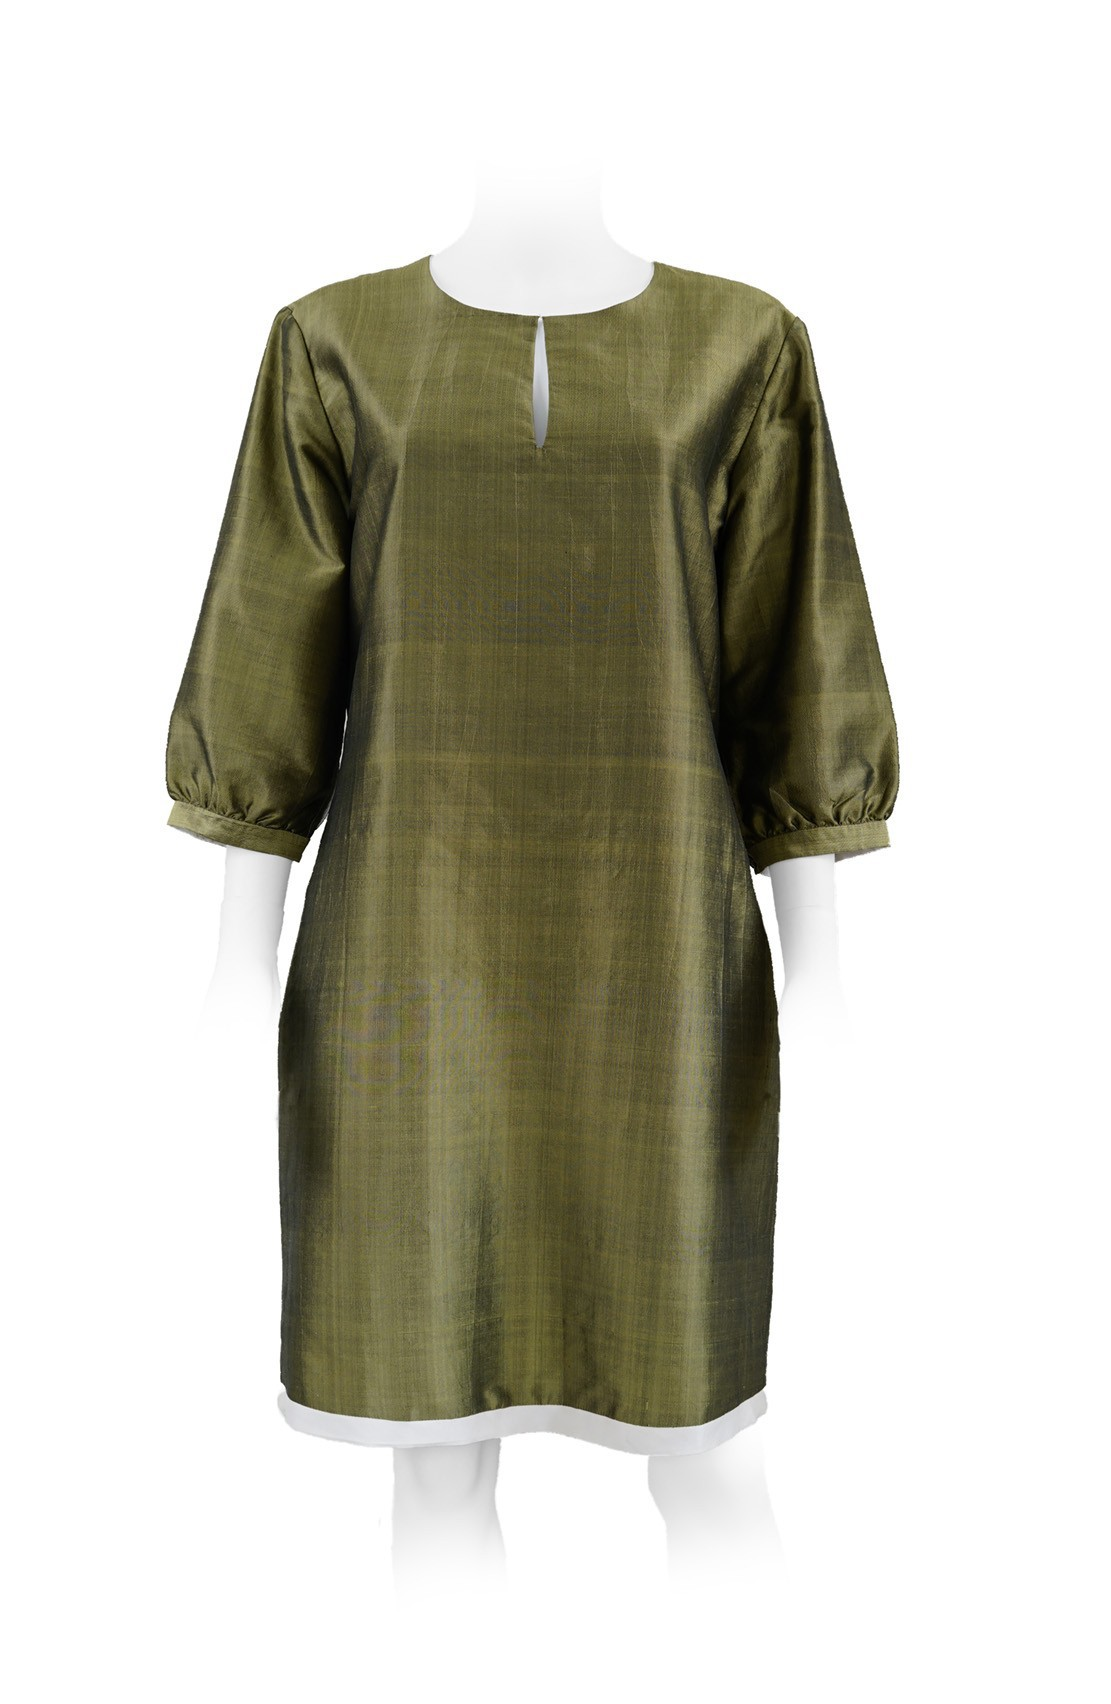 robe en soie naturelle bronze et blanc, doublée de soie blanche, fait main au Cambodge